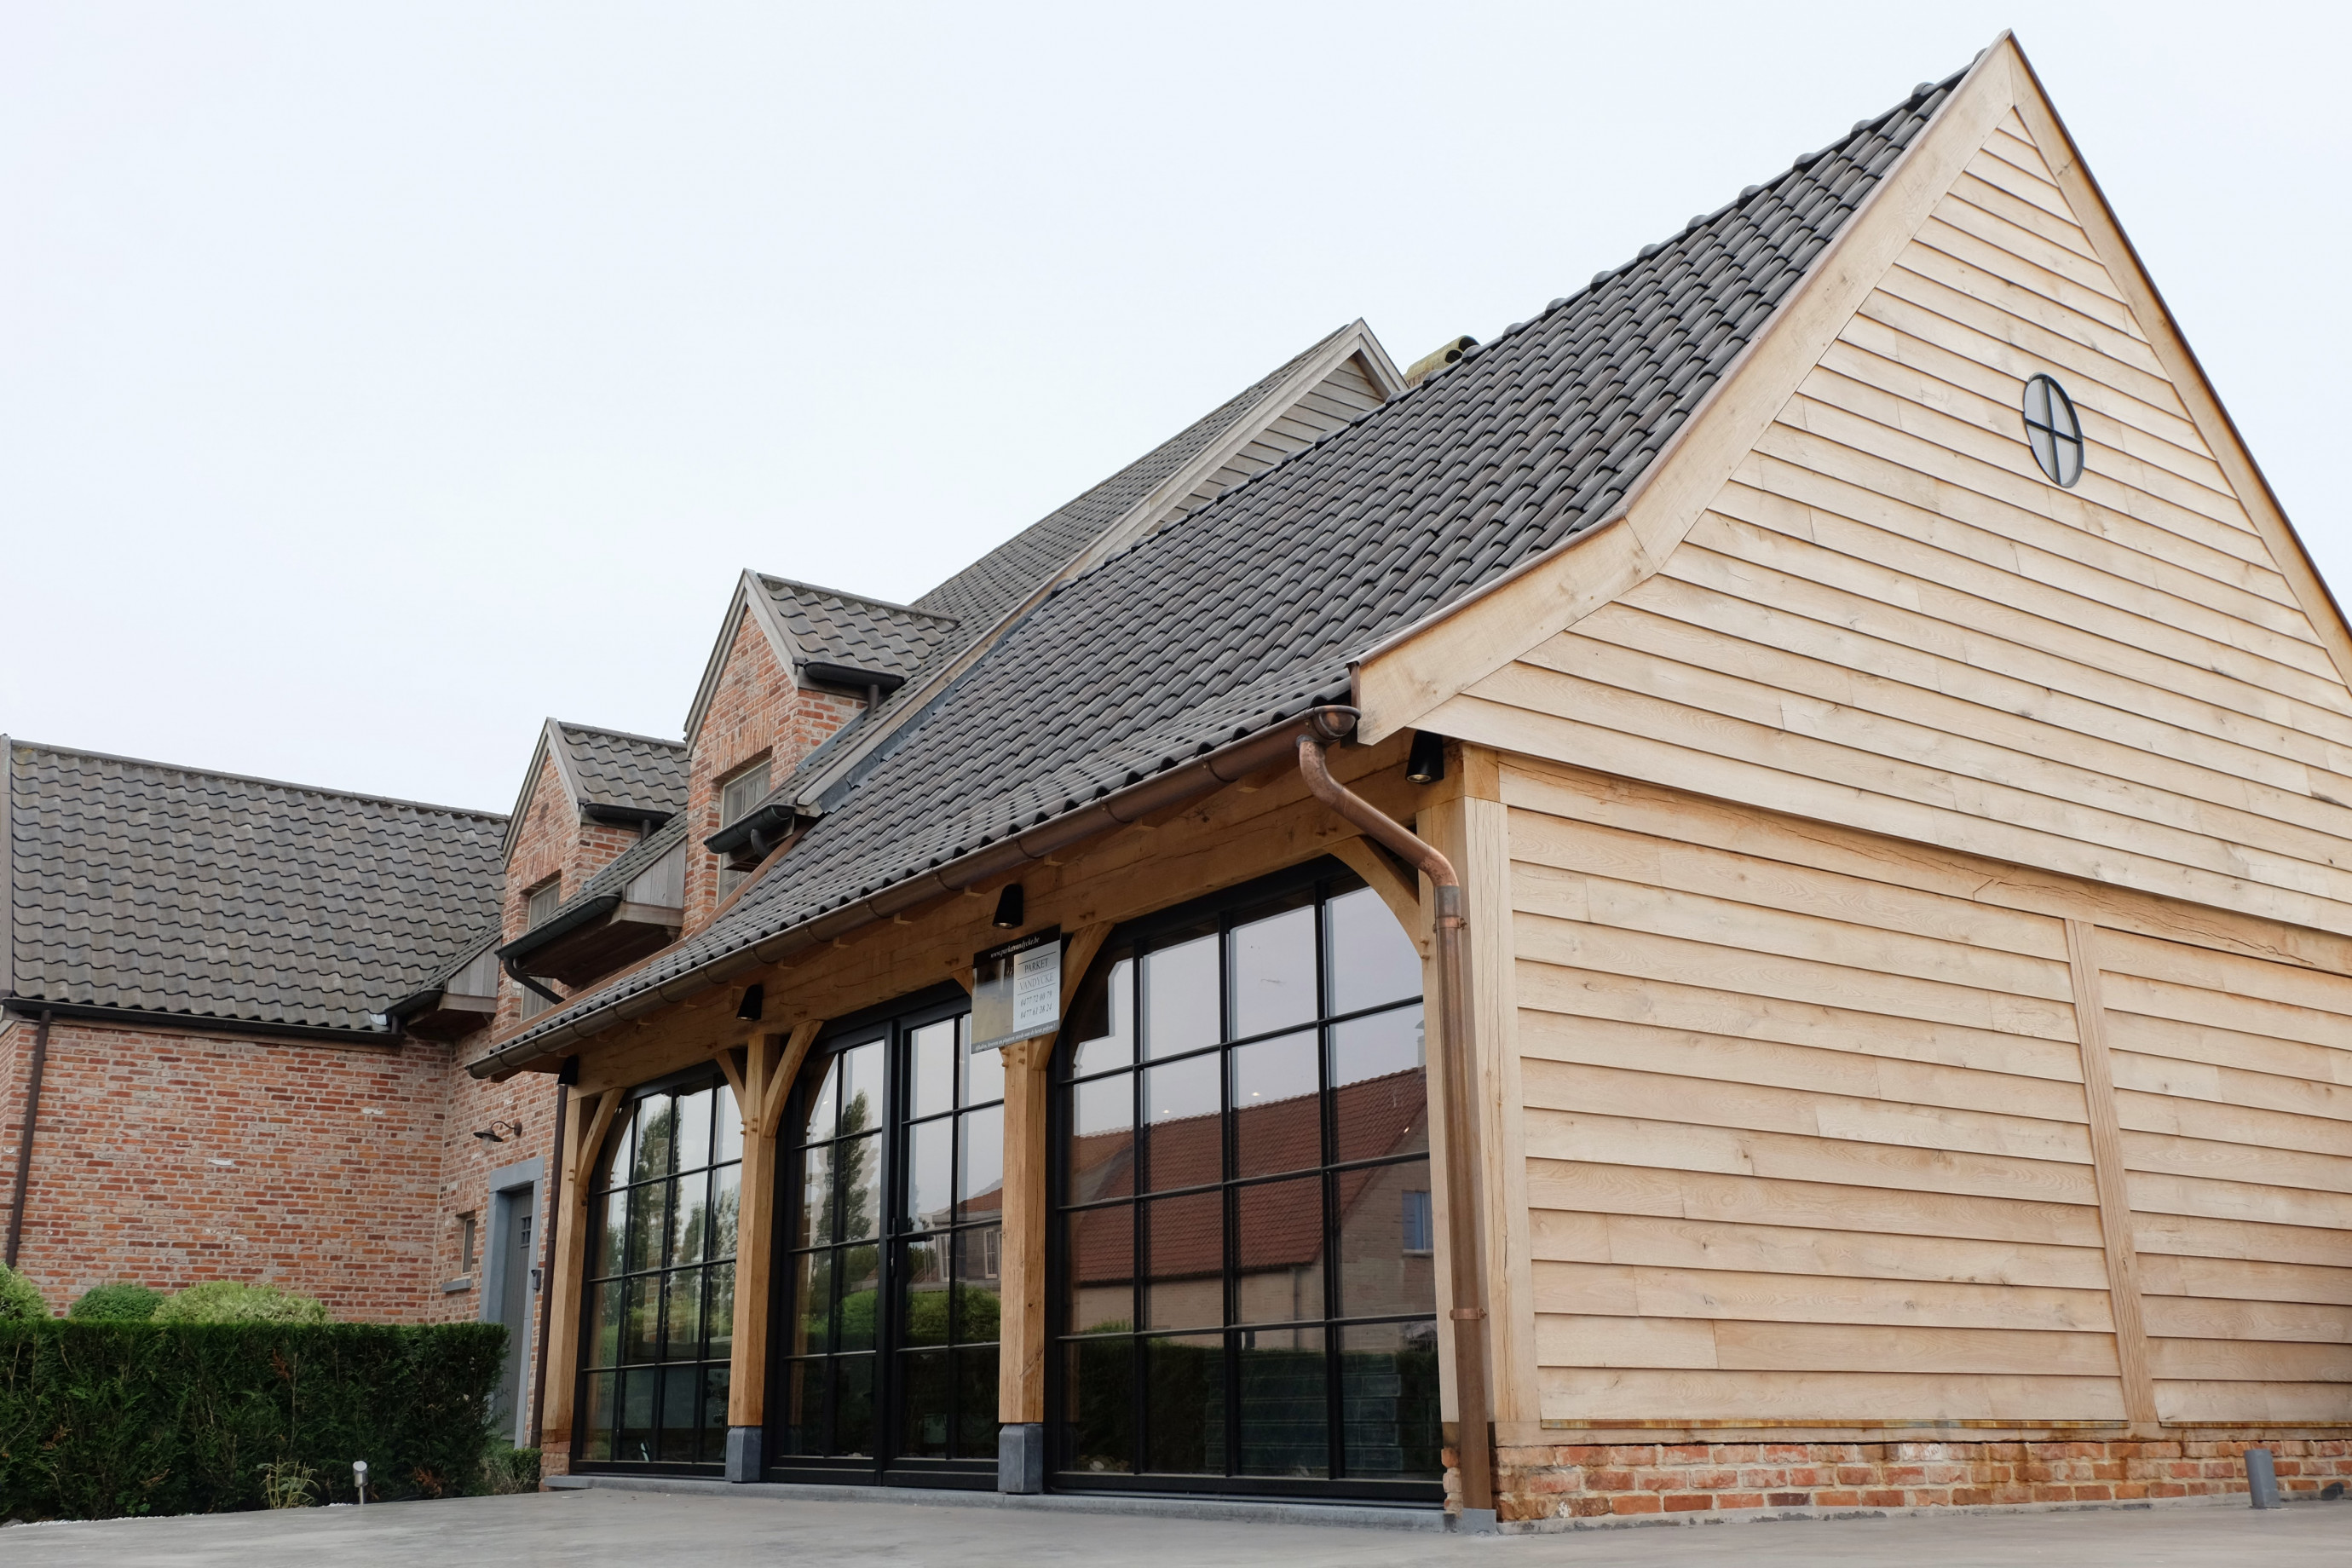 Deze prachtige houten aanbouw in cottage stijl werd deskundig gerealiseerd door Vanhauwood. Voor de opbouw van de eiken aanbouw werd gebruik gemaakt van een op maat gemaakt eiken bouwpakket vervaardigd door Cornelis Hout.